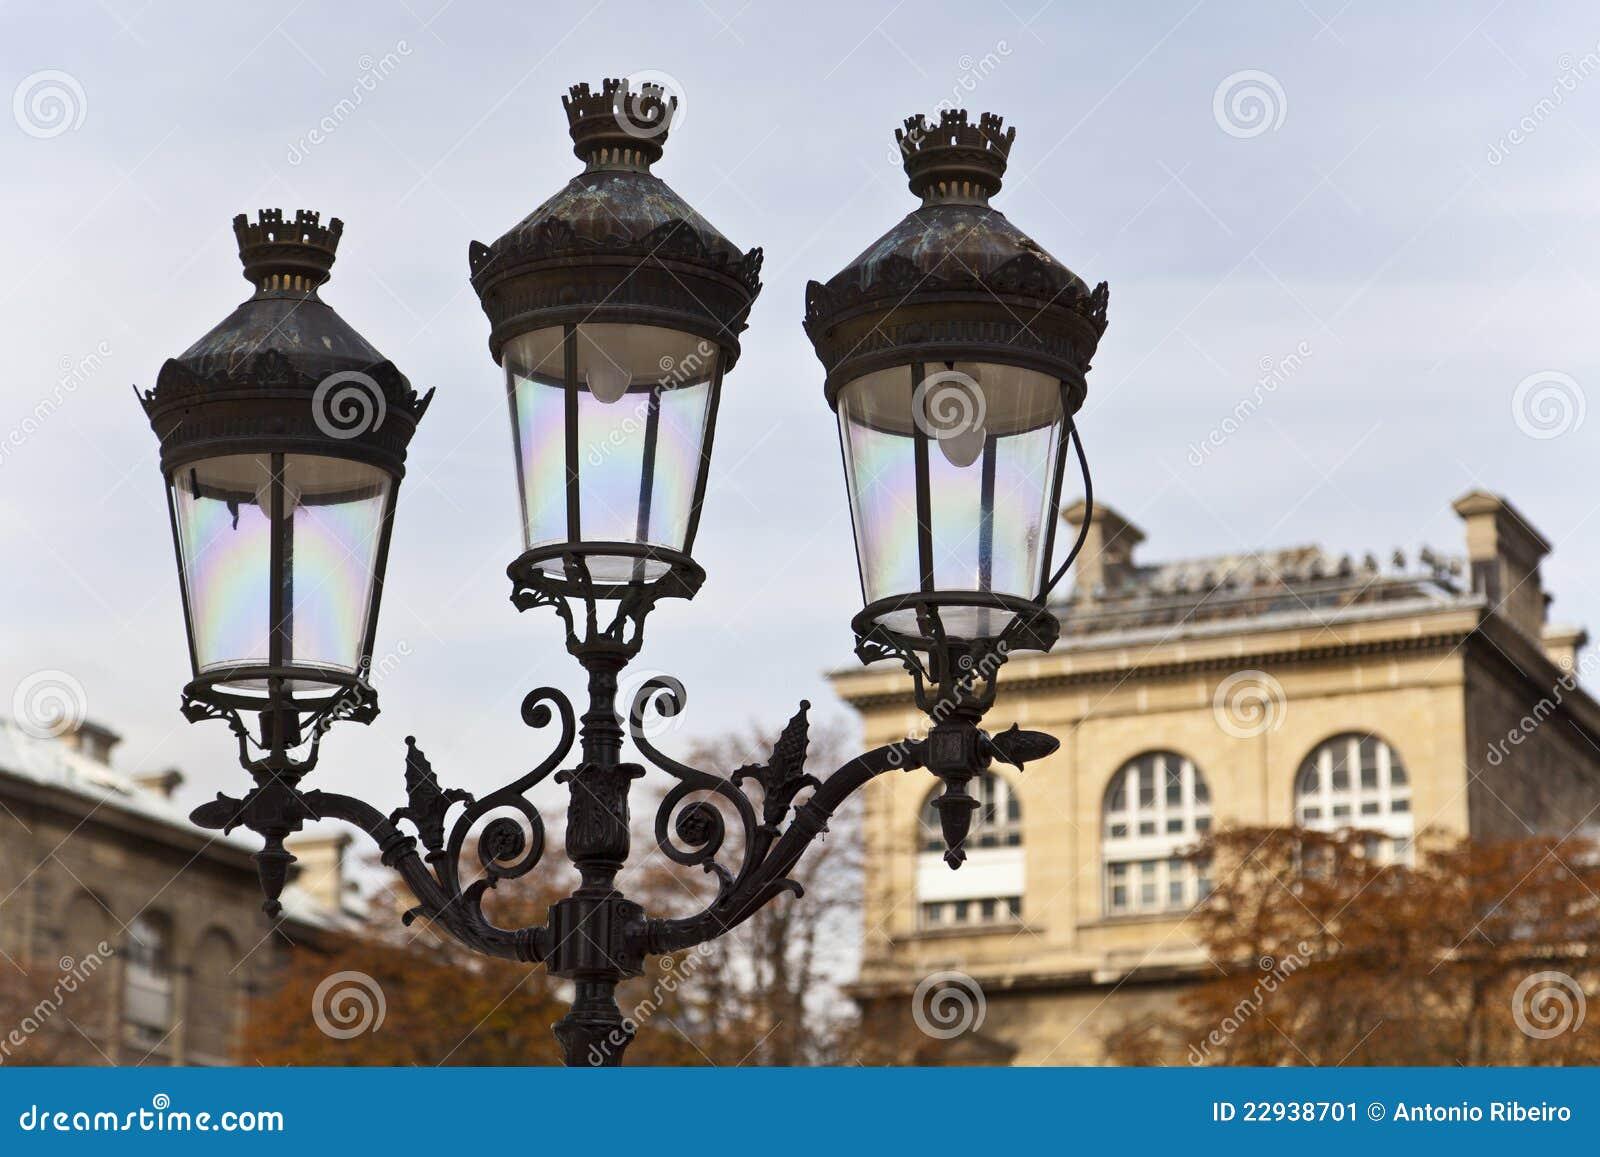 paris lighting street - photo #10